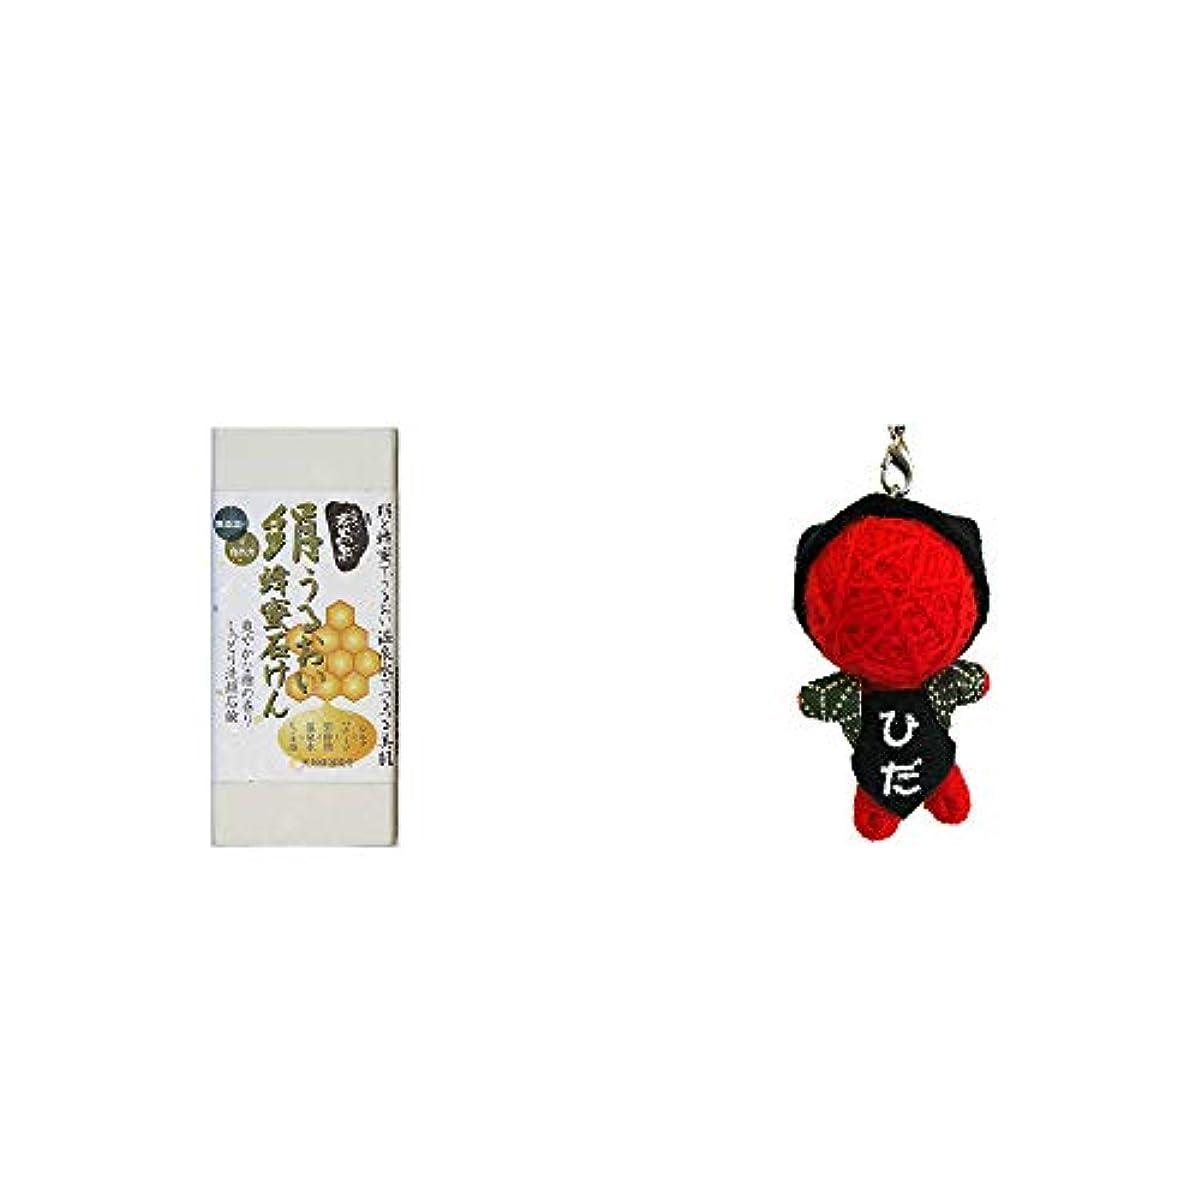 評価可能国歌復活する[2点セット] ひのき炭黒泉 絹うるおい蜂蜜石けん(75g×2)?ハッピー さるぼぼドール ブドゥドール(ストラップ) / 魔除け?身代わり人形 //